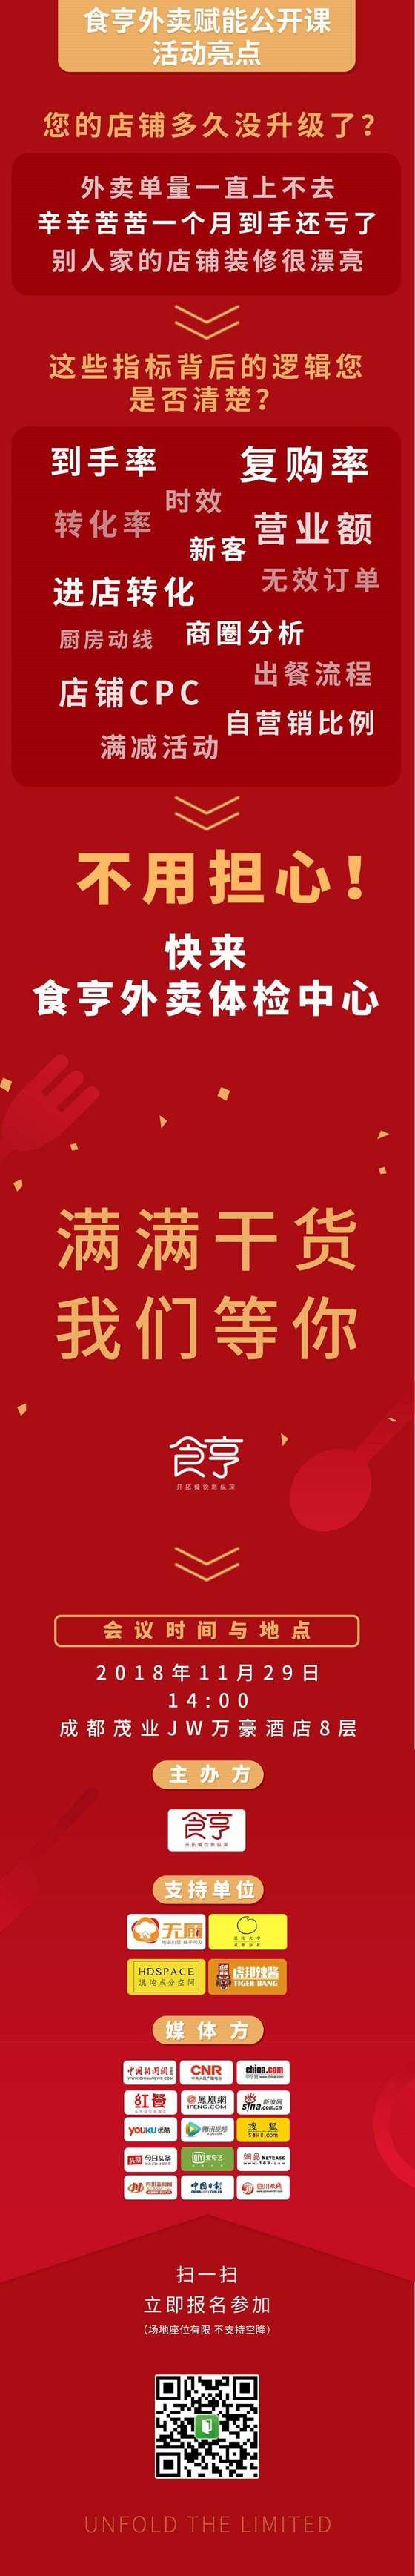 宣传海报3 成都.jpg